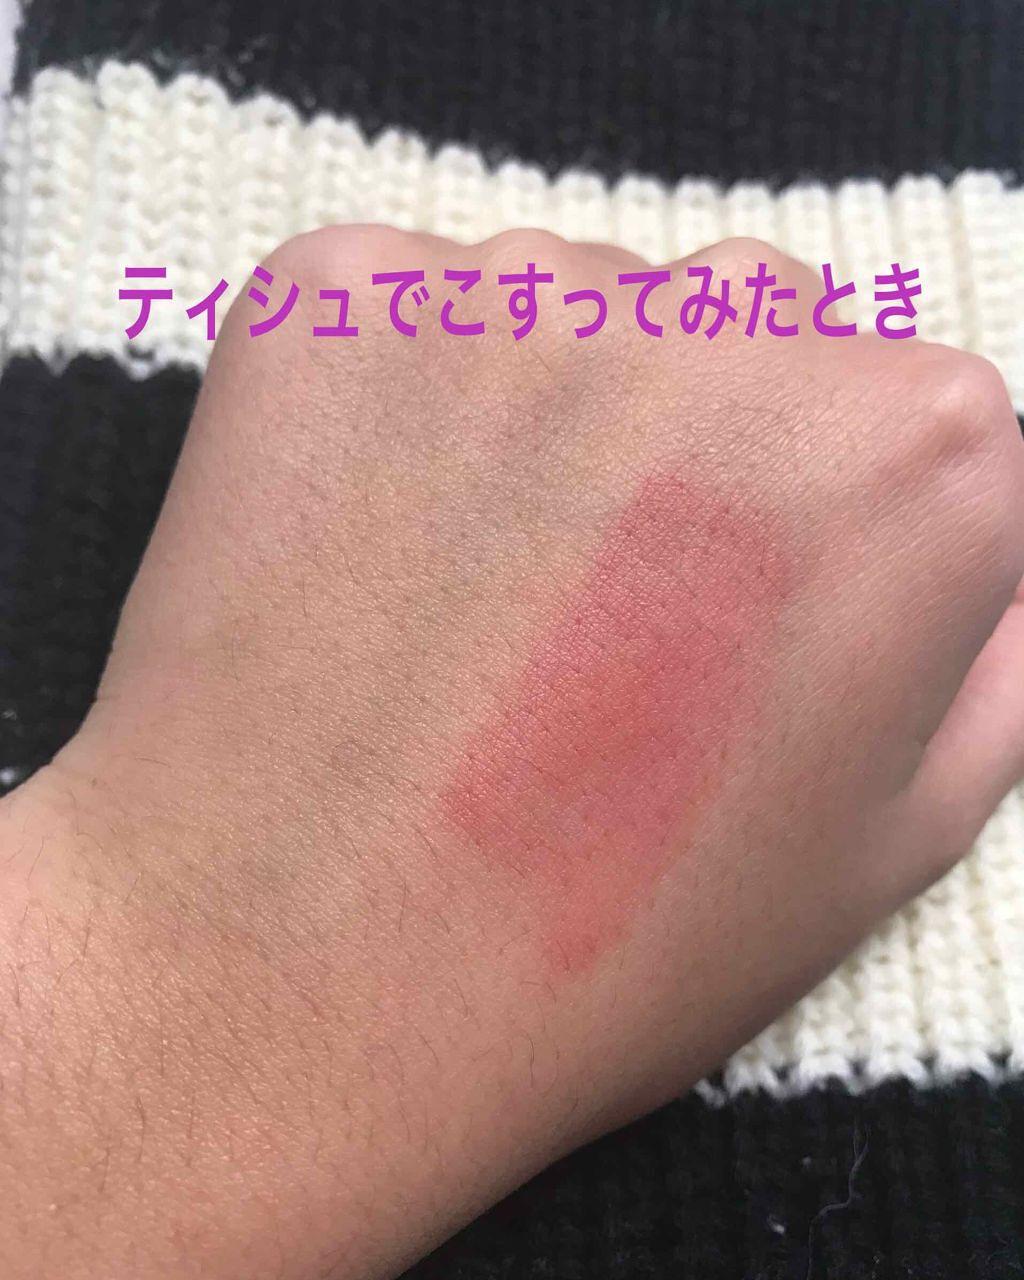 ティントウォーター/PERIPERA/口紅を使ったクチコミ(3枚目)